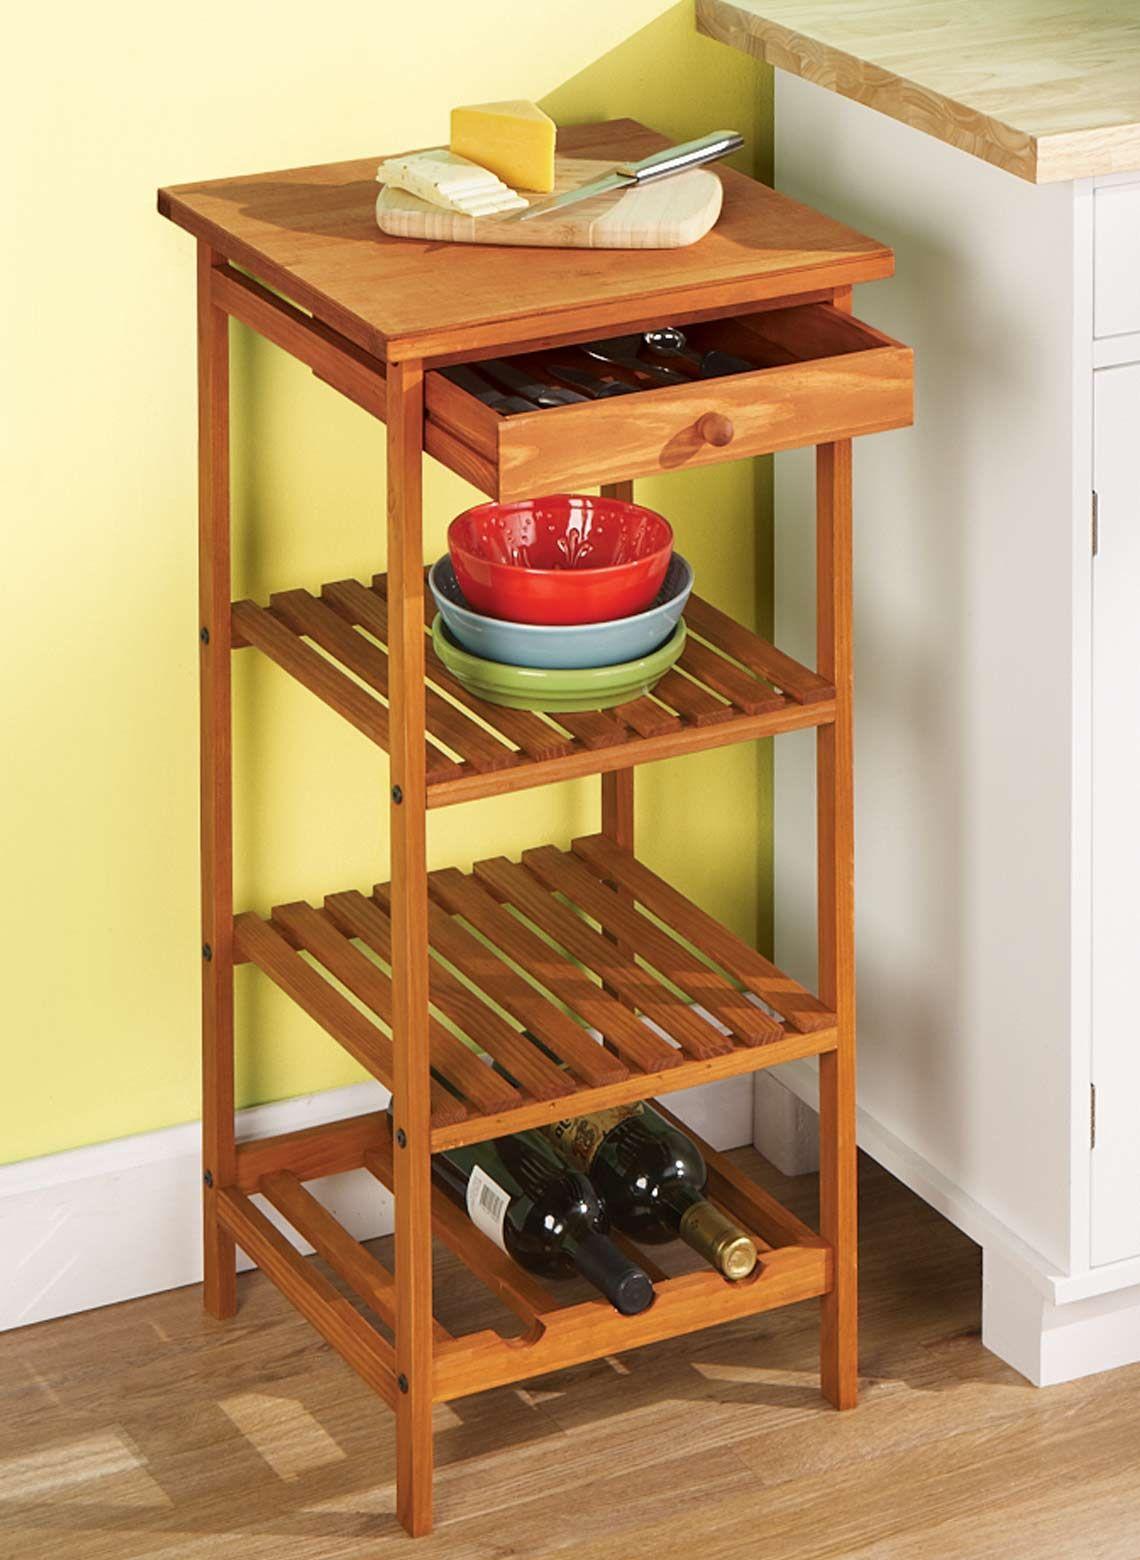 Full Size of Küche Beistelltisch Kche Dies Ist Neueste Informationen Auf Spüle Teppich Für Lüftungsgitter Aufbewahrungssystem Was Kostet Eine Wasserhahn Wandanschluss Wohnzimmer Küche Beistelltisch